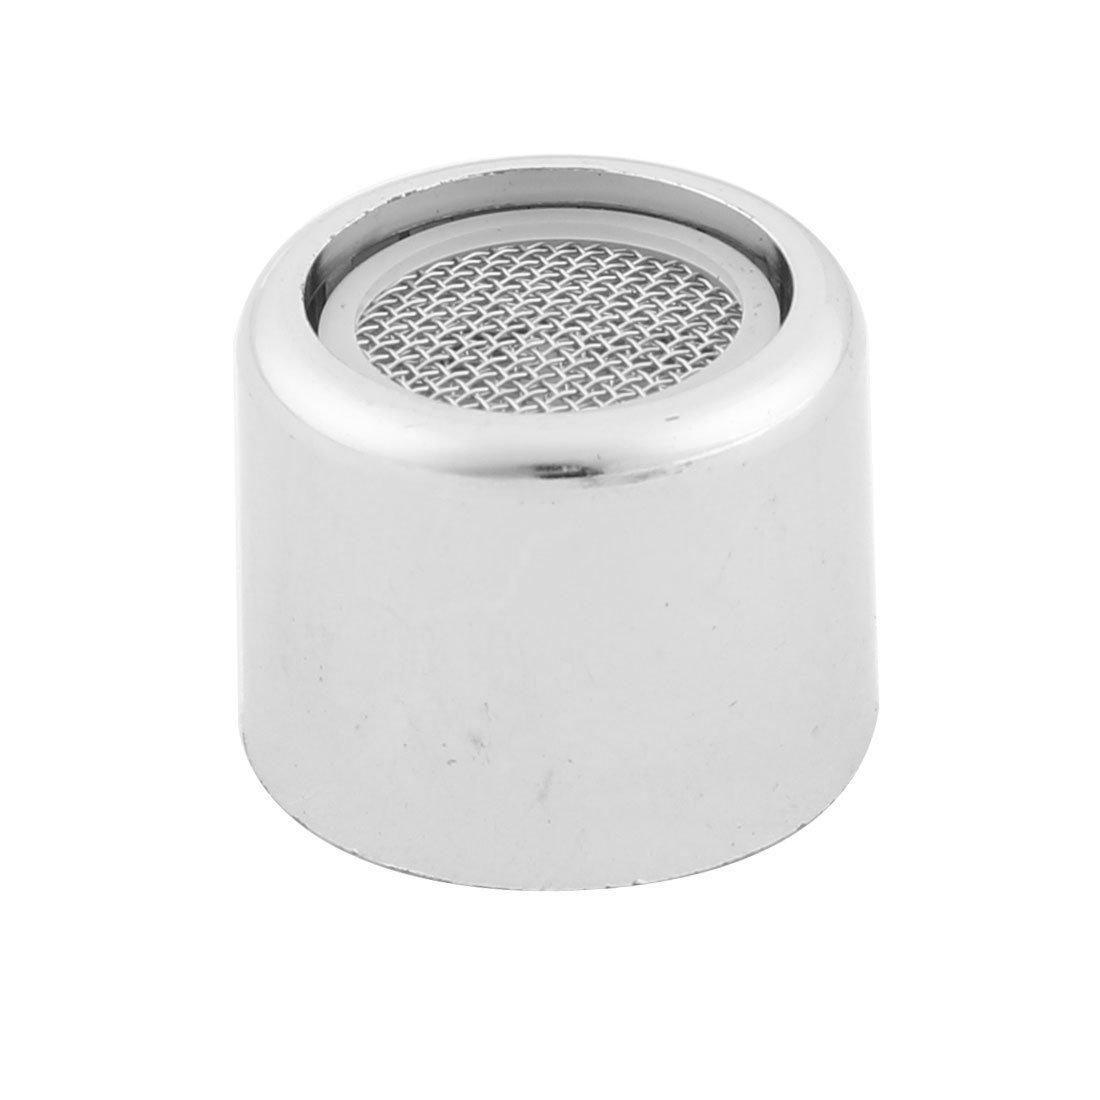 19 mm Filetage femelle économie d'eau-Bec de robinet avec aérateur Sourcingmap a12101500ux0362